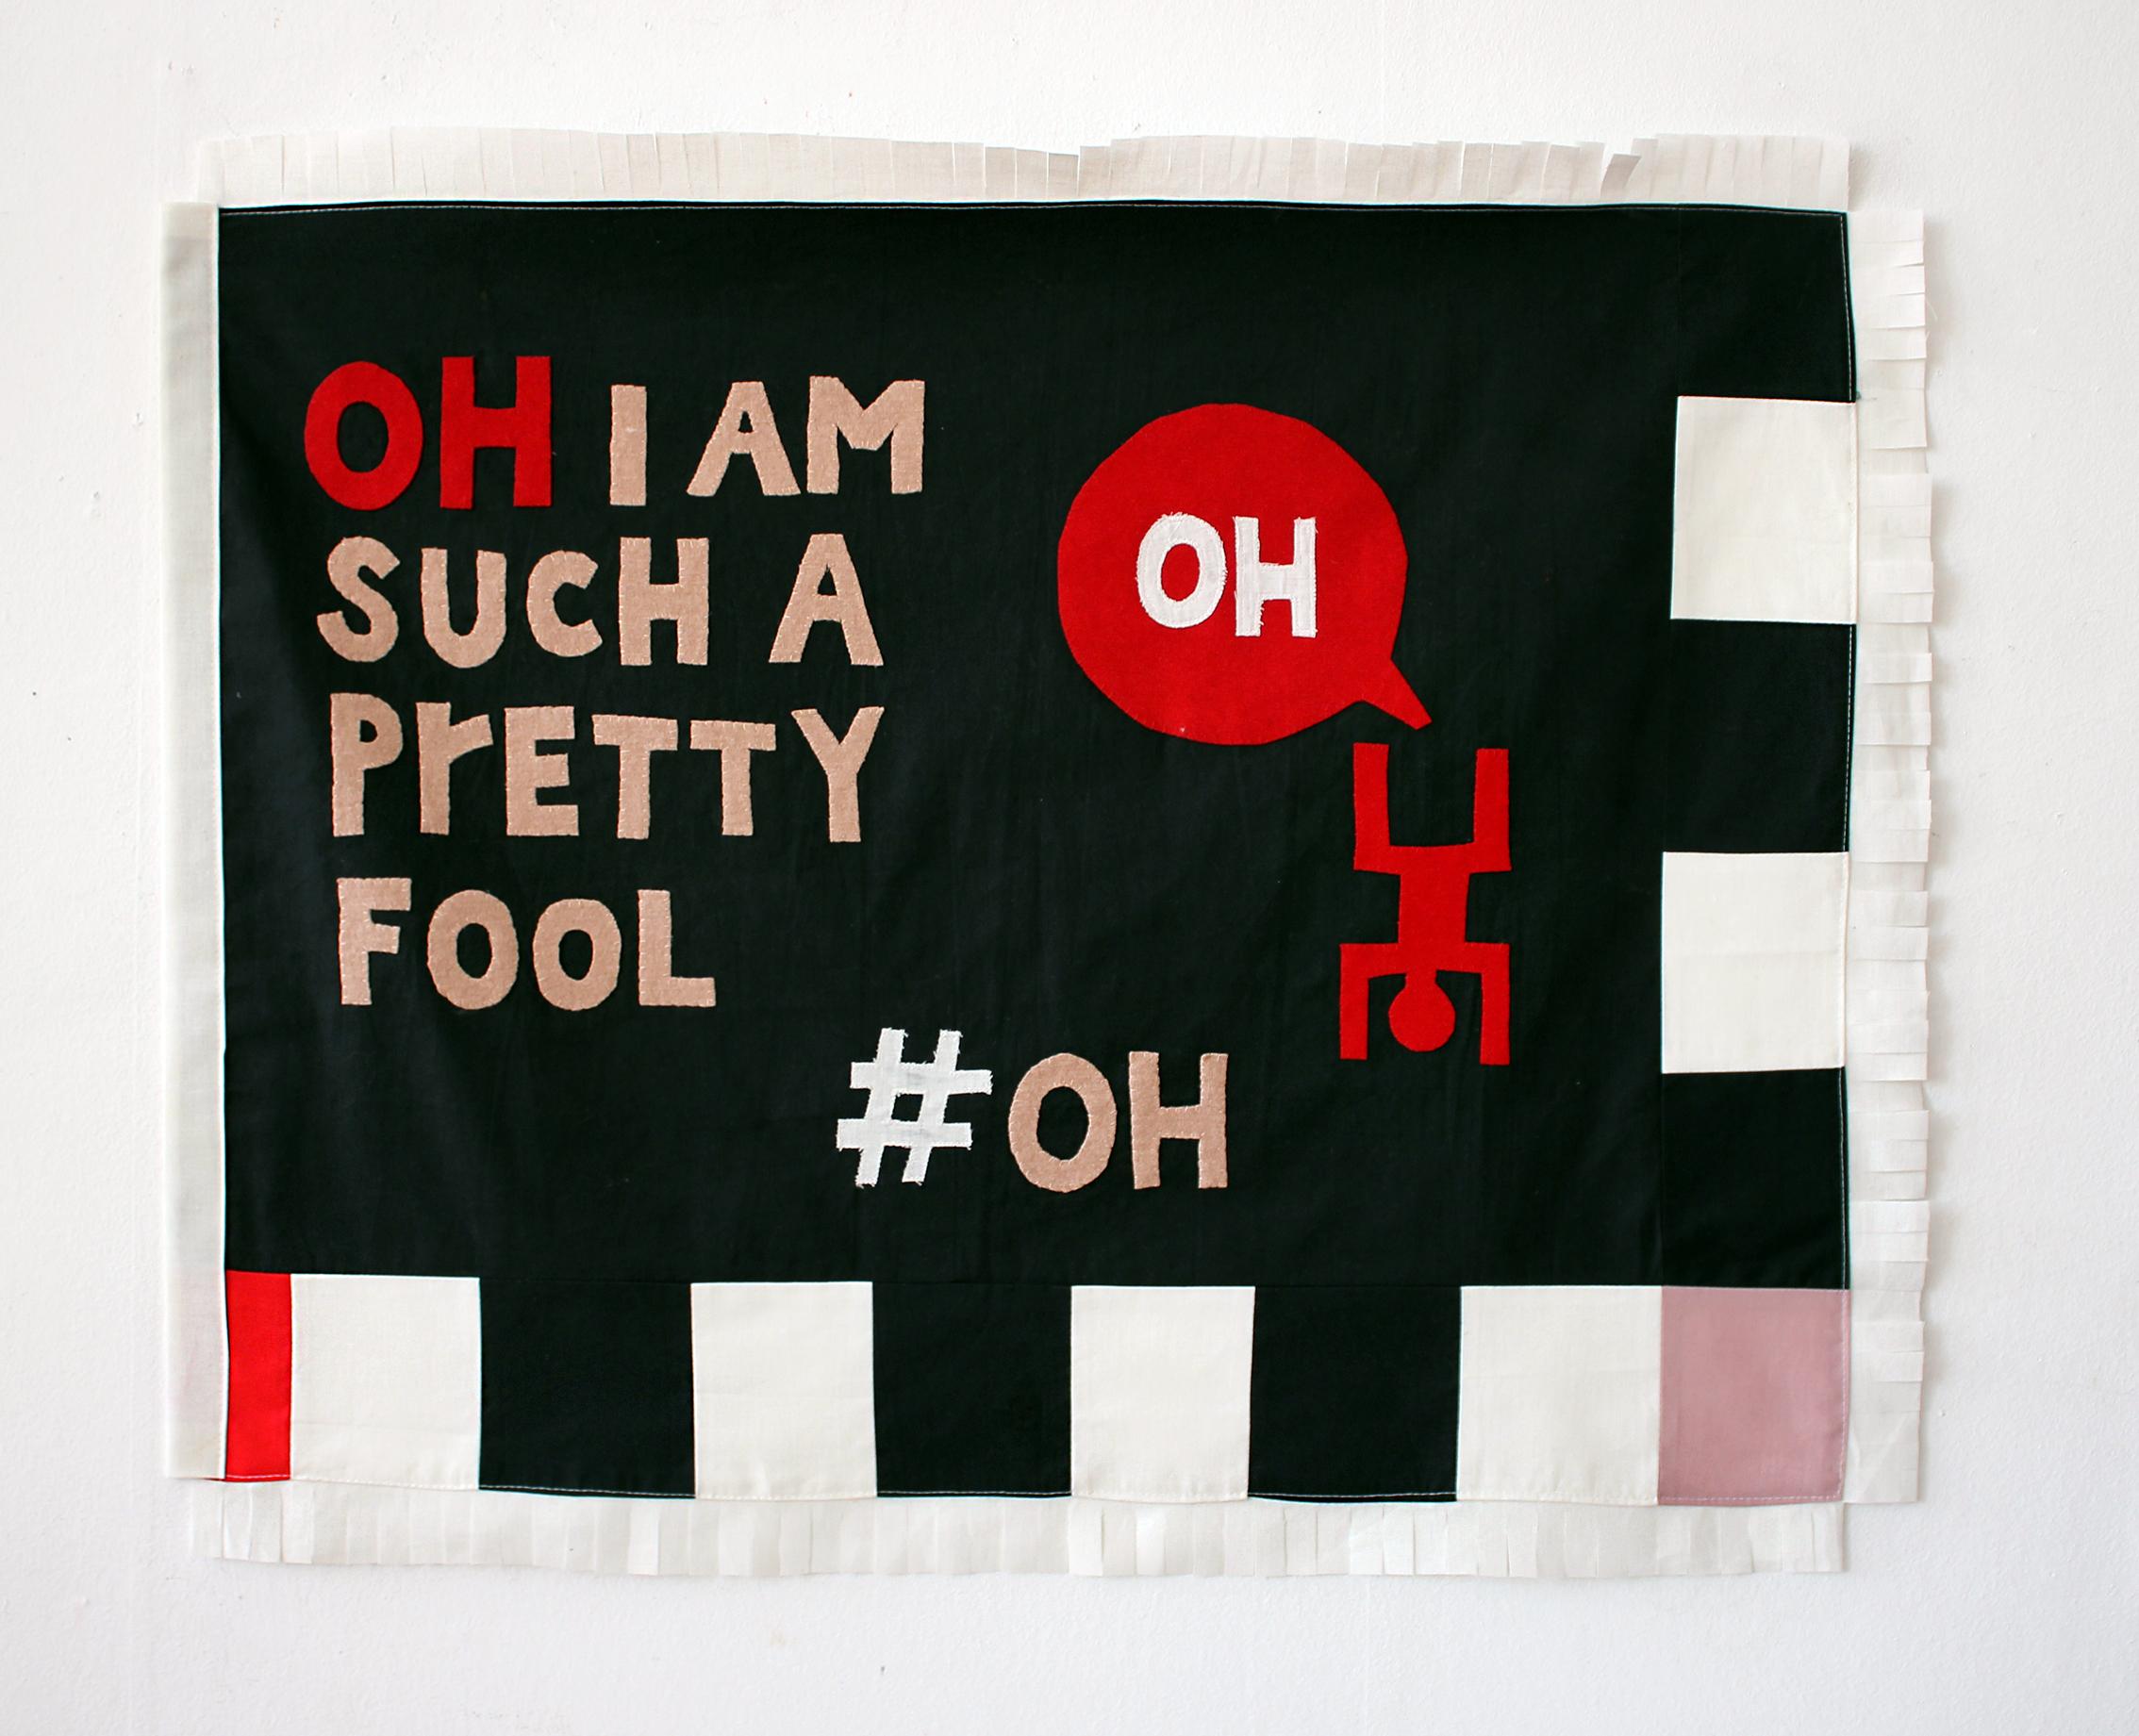 Oh im such a pretty fool 78x64 cm.jpg